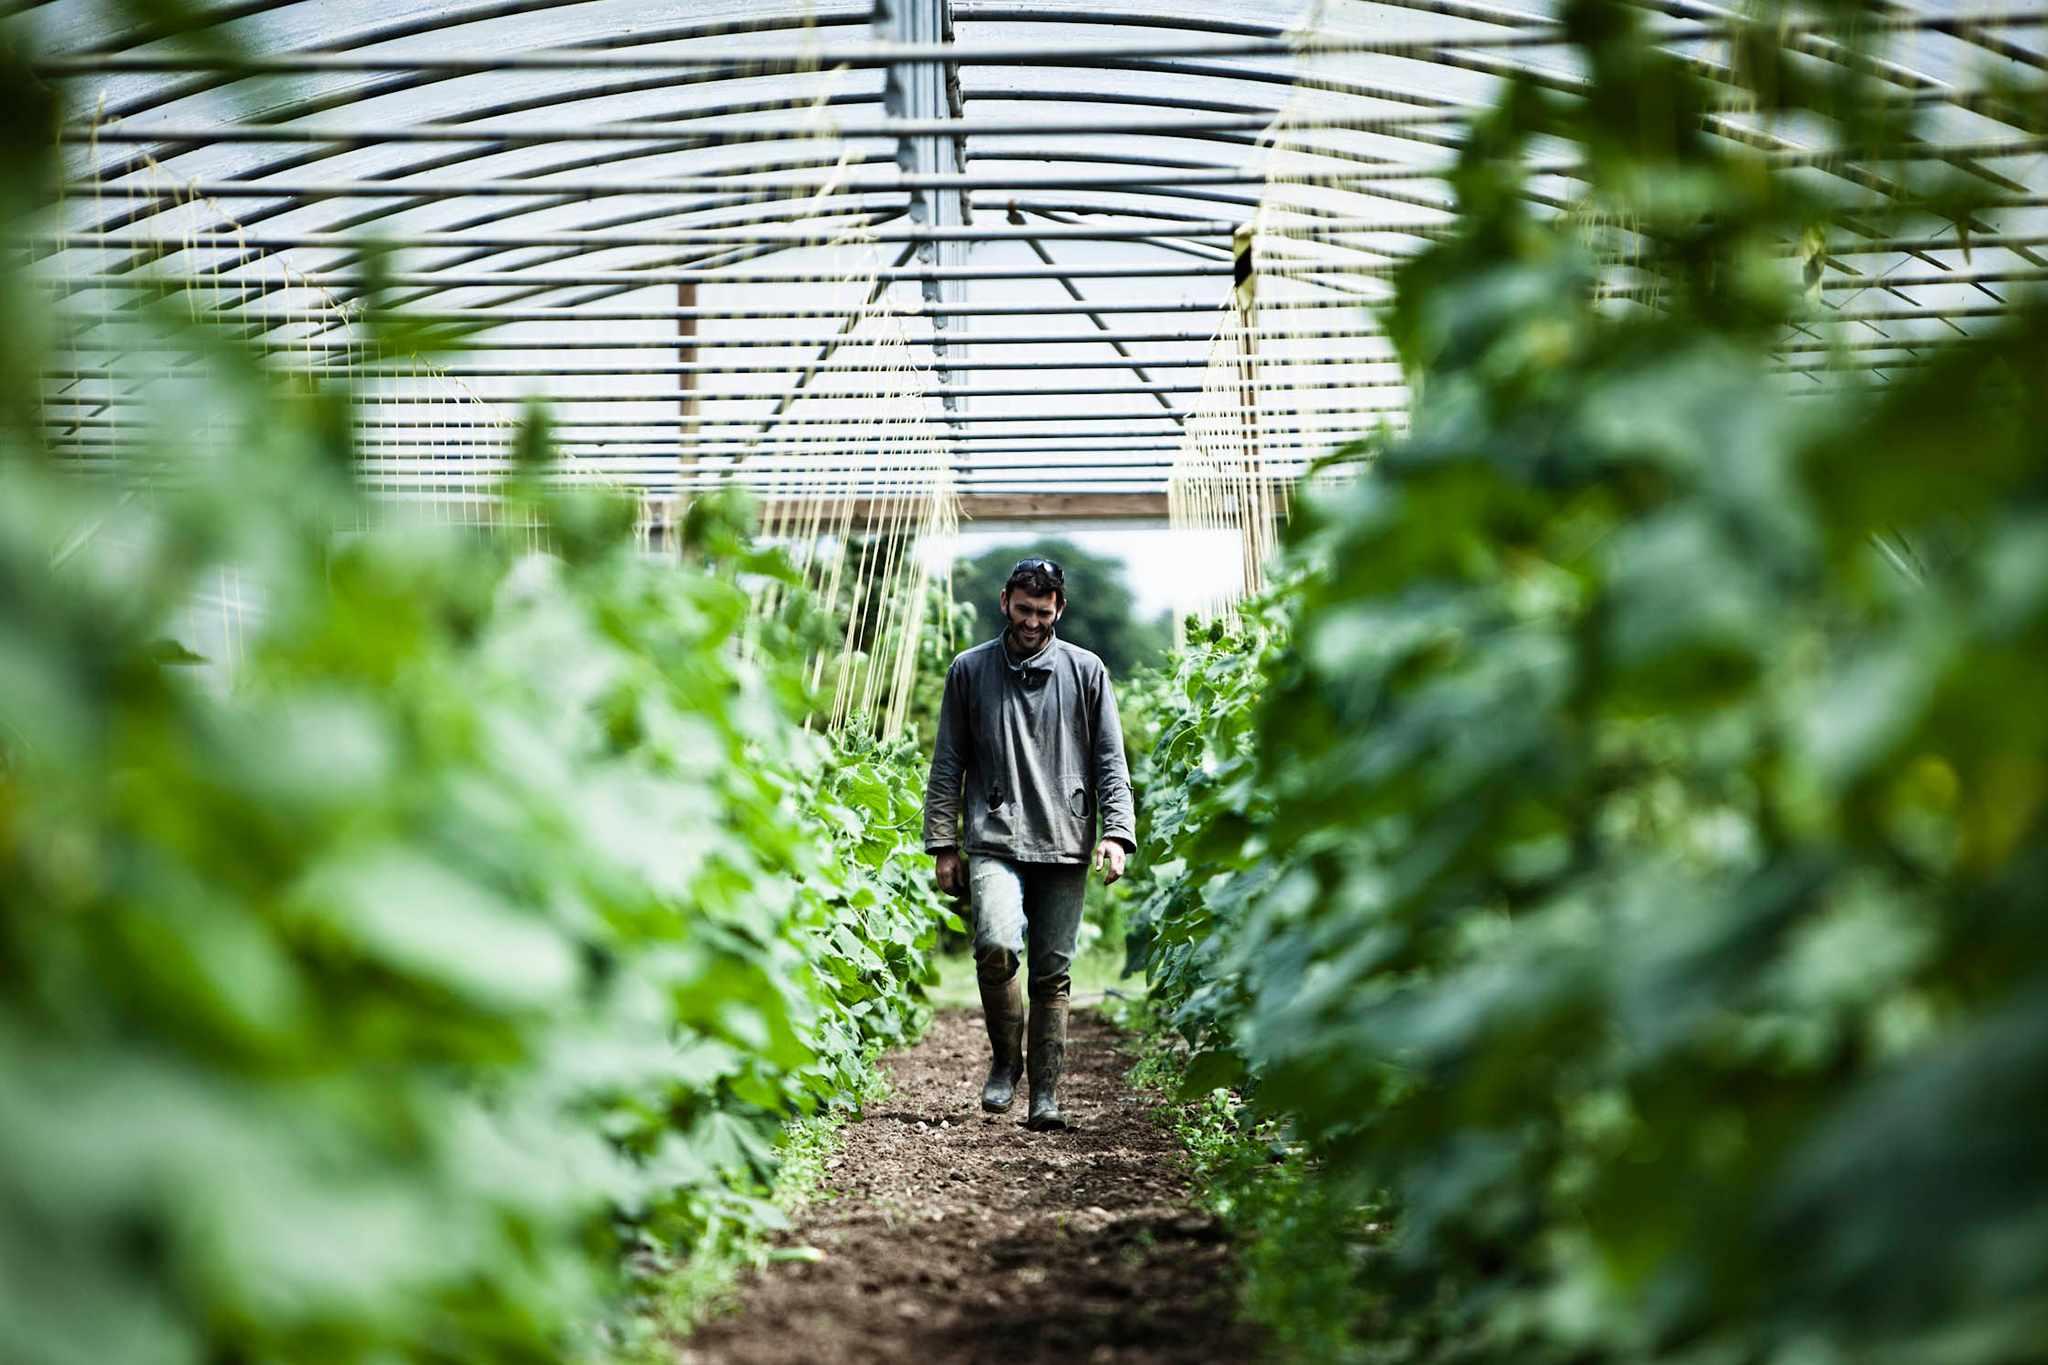 Daylesford Organic Farm